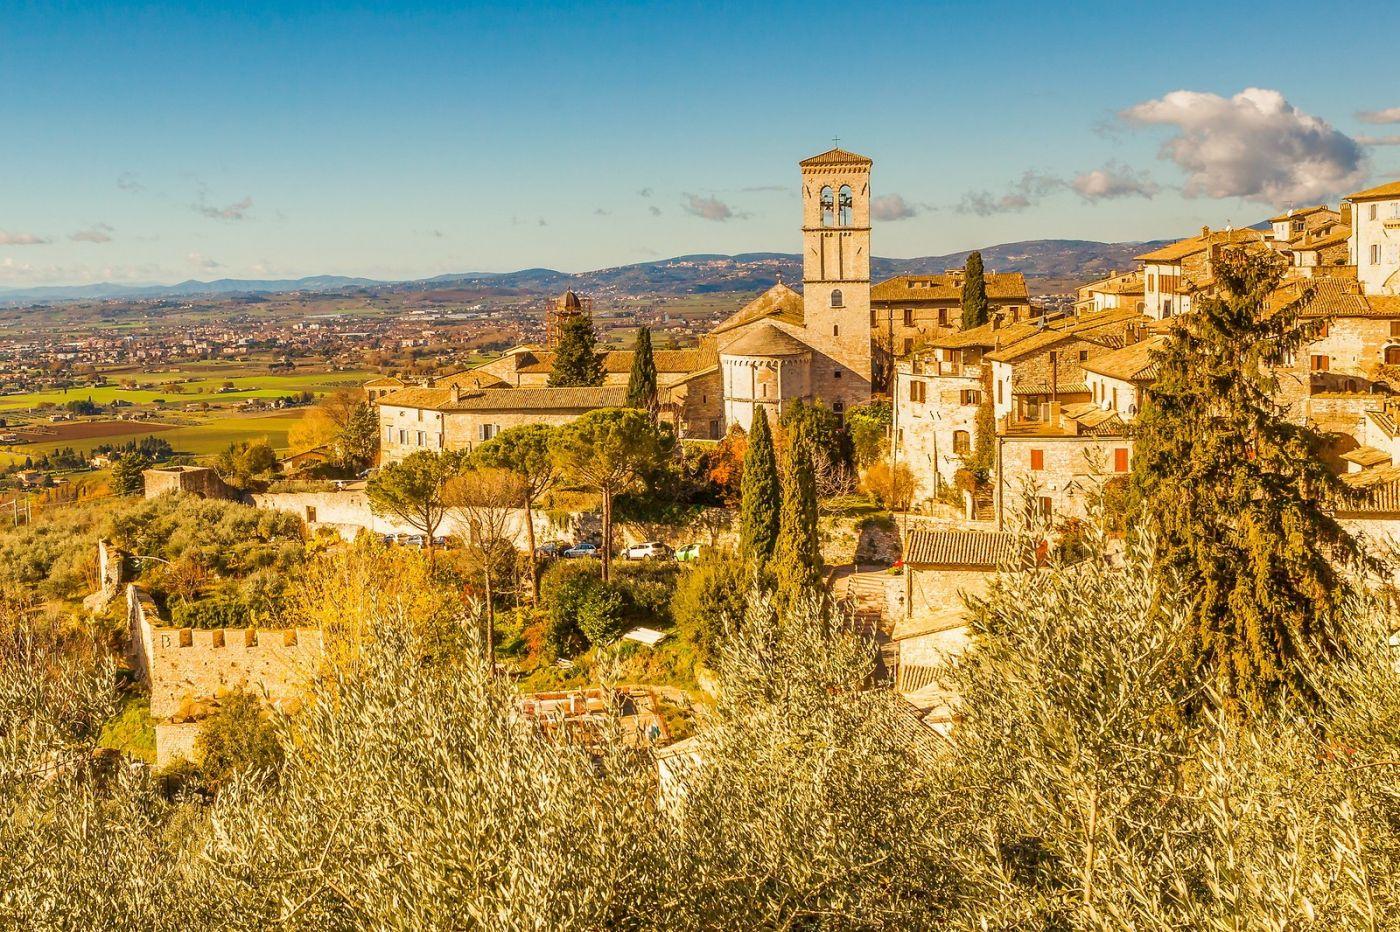 意大利阿西西(Assisi), 登高放眼_图1-1